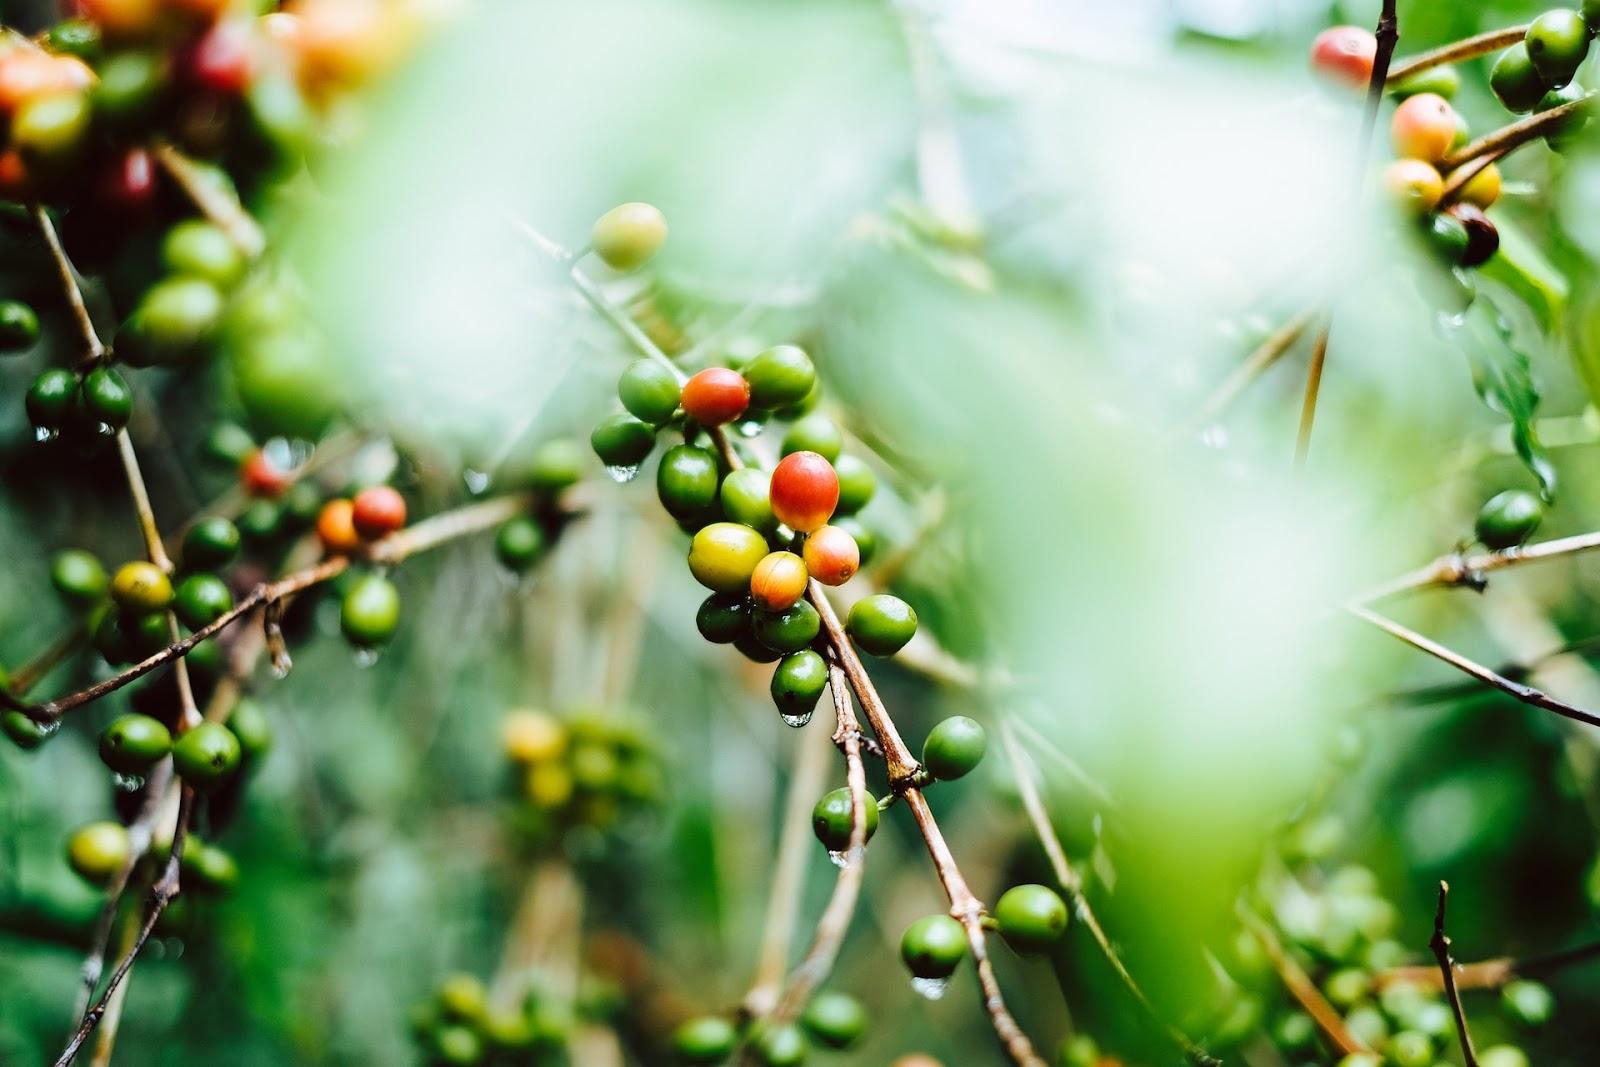 Análise dos custos de produção do café pela CNA permitiu enxergar aperto na margem líquida (Fonte: Unsplash)